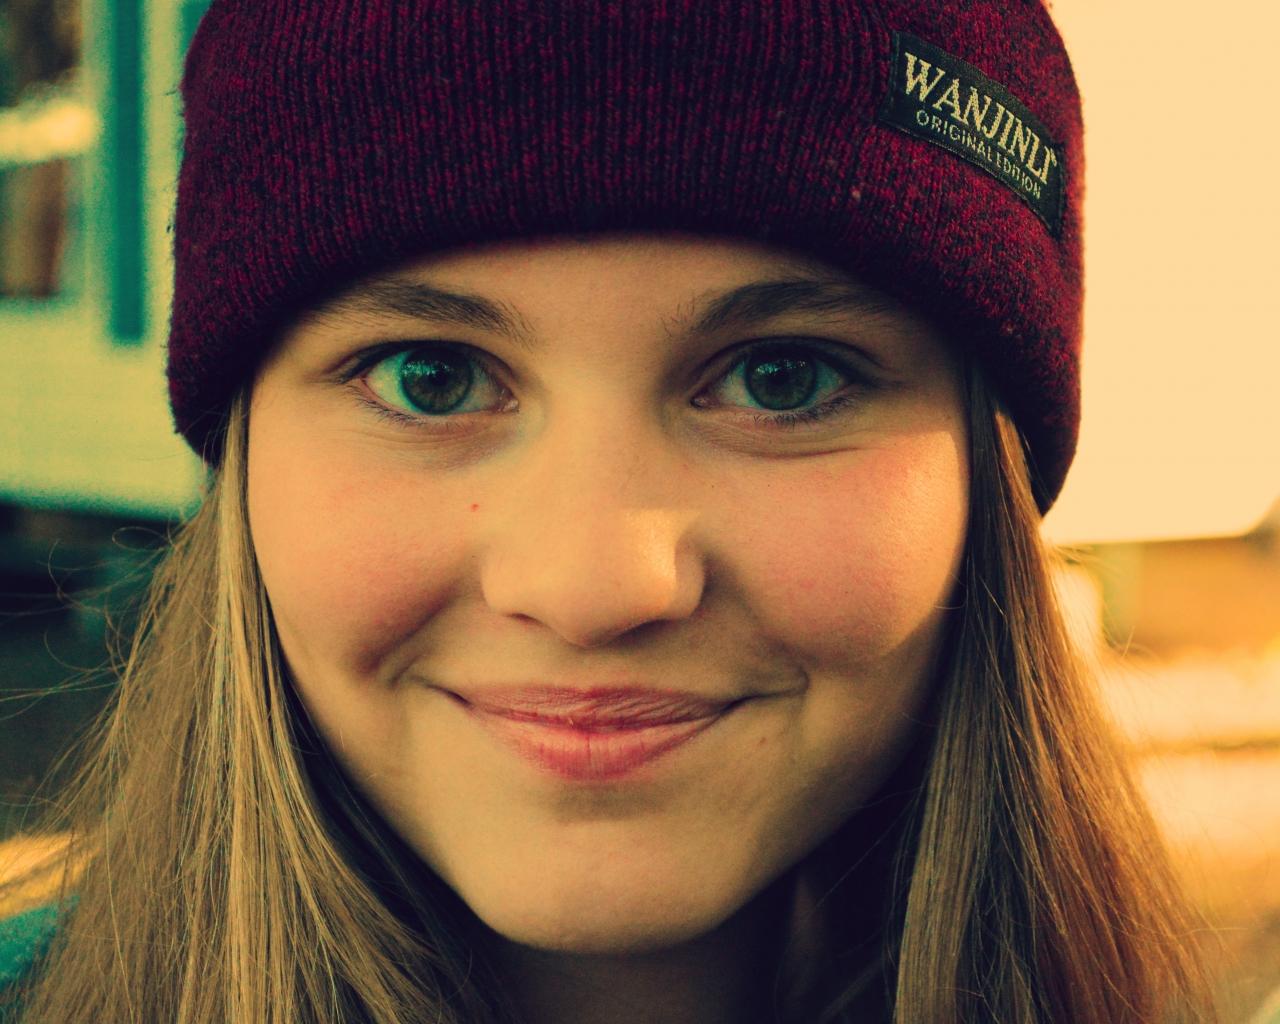 Chica sonriendo con gorra - 1280x1024